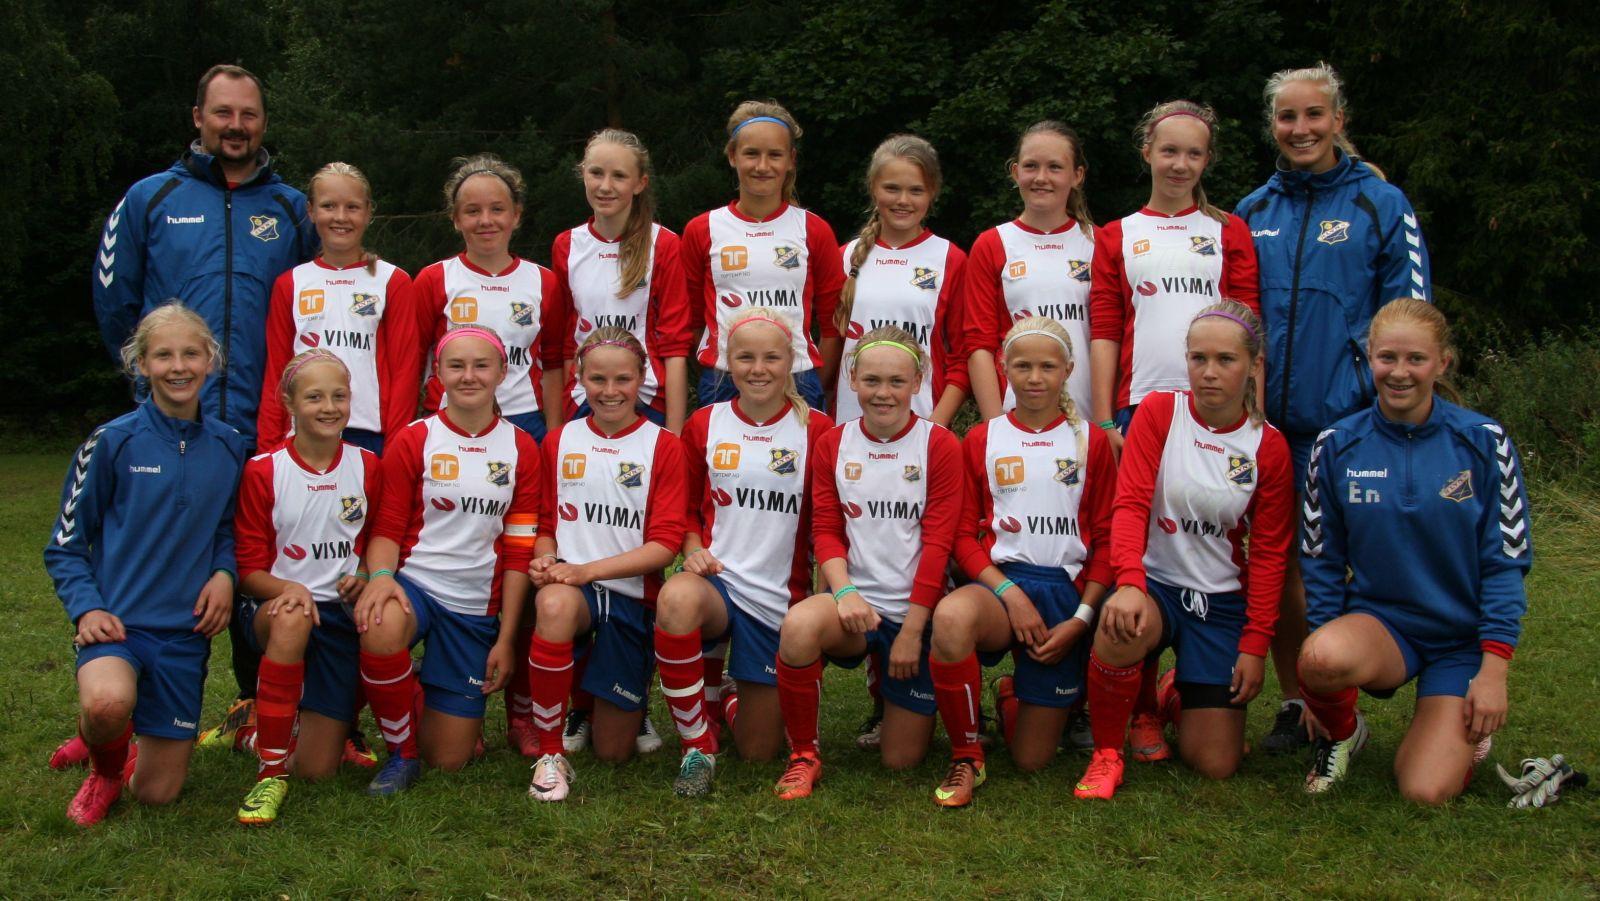 3.Plass i Norway Cup 36-7 i målforskjell, 6 Seire og 1 Tap